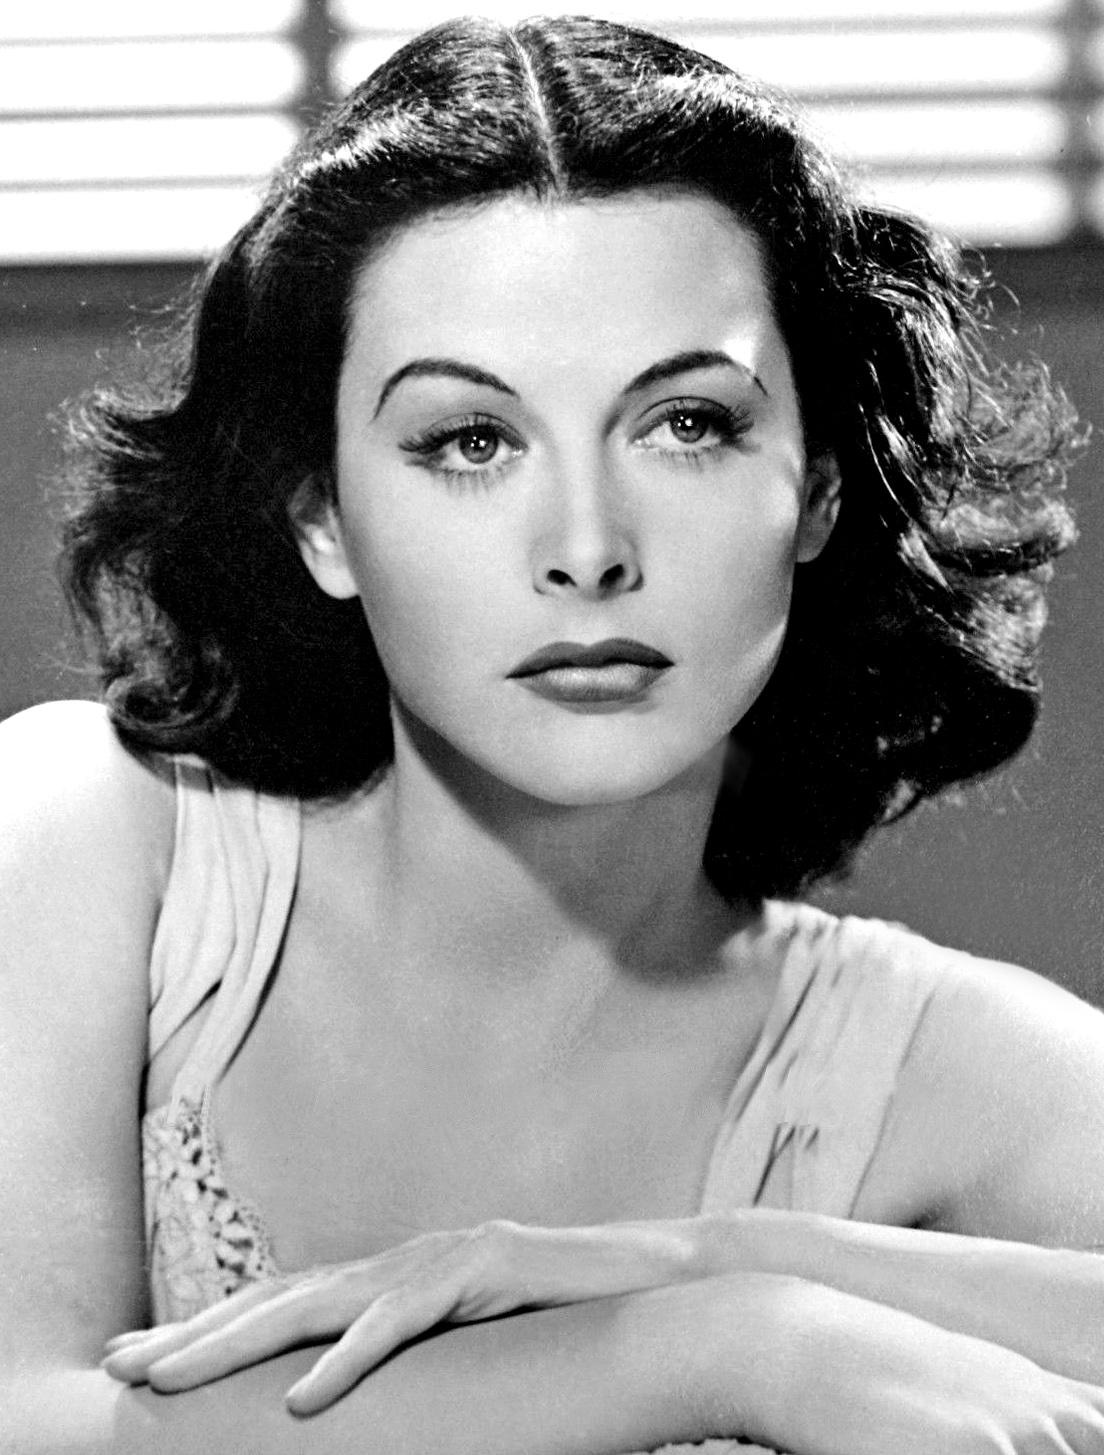 Hedy Lamarr u szczytu popularności aktorskiej w 1940 roku. (fot. wikimedia.org/domena publiczna)